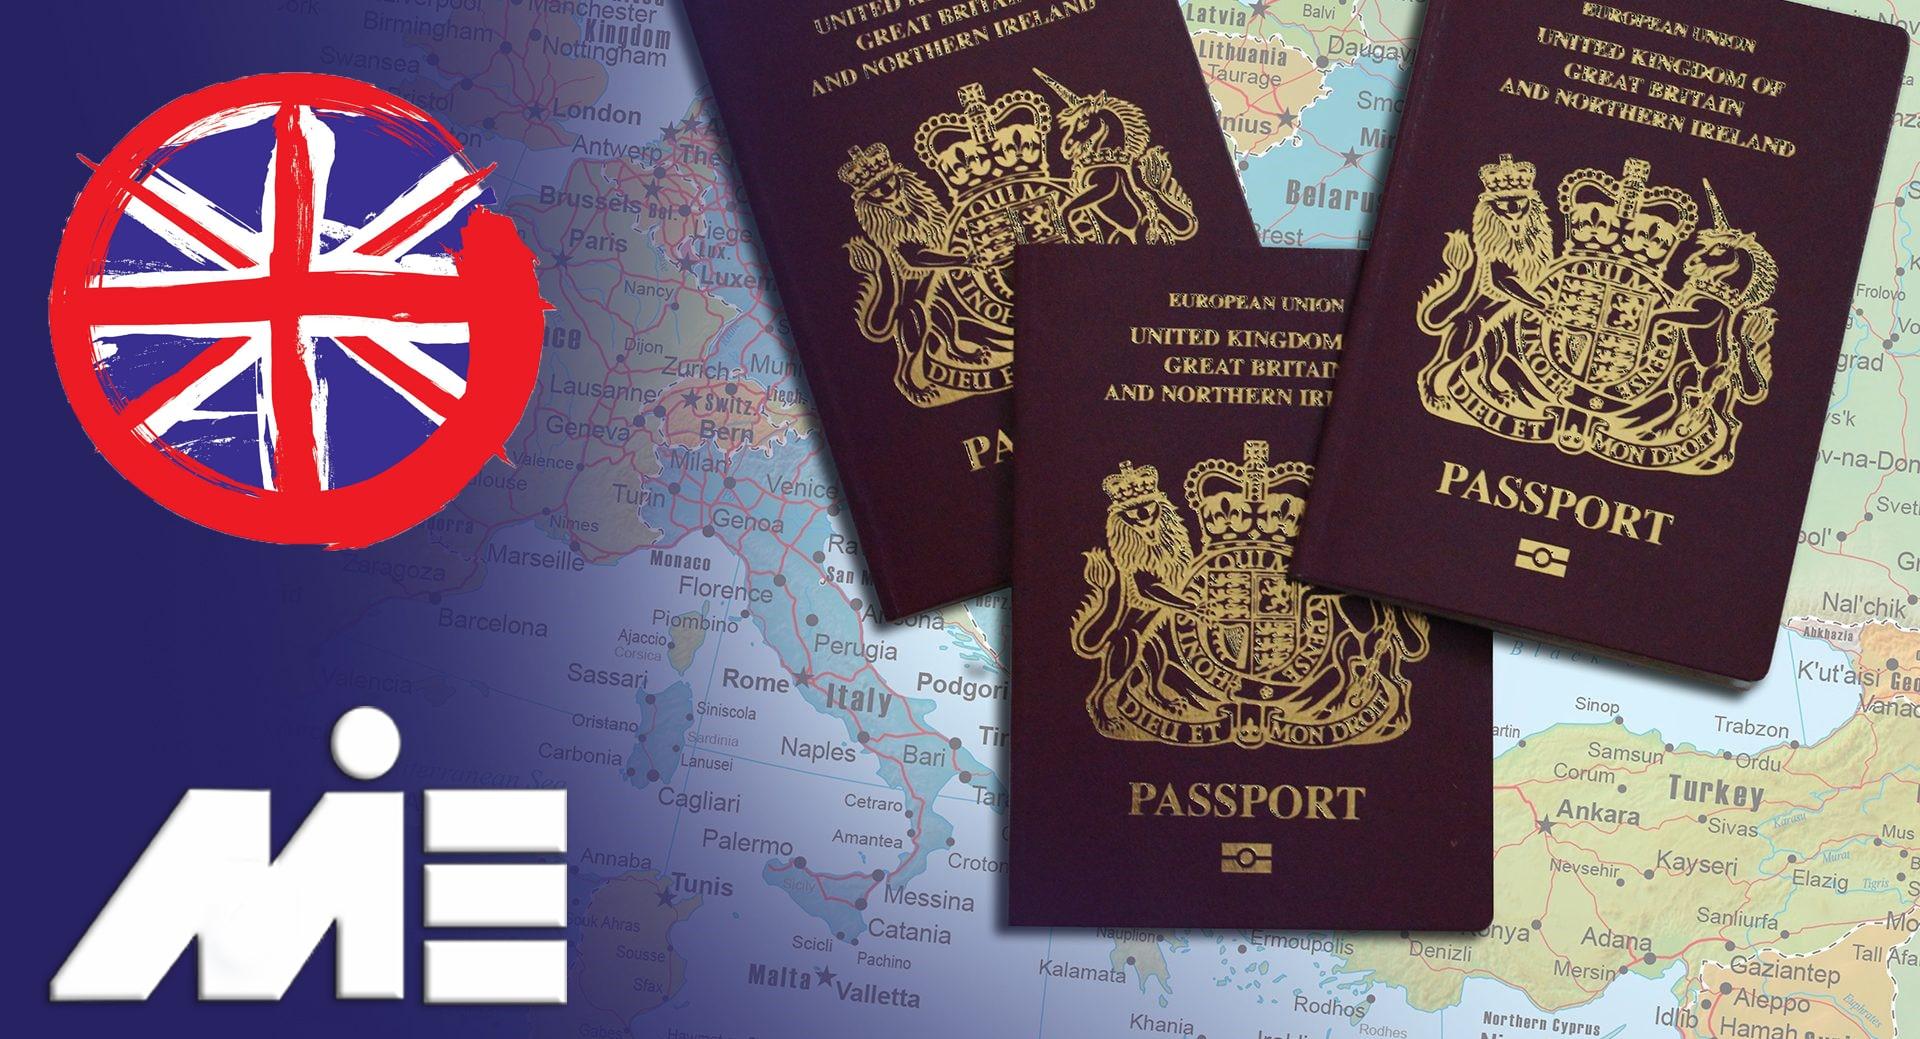 پاسپورت انگلستان - تابعیت انگلستان - شهروندی انگلیس